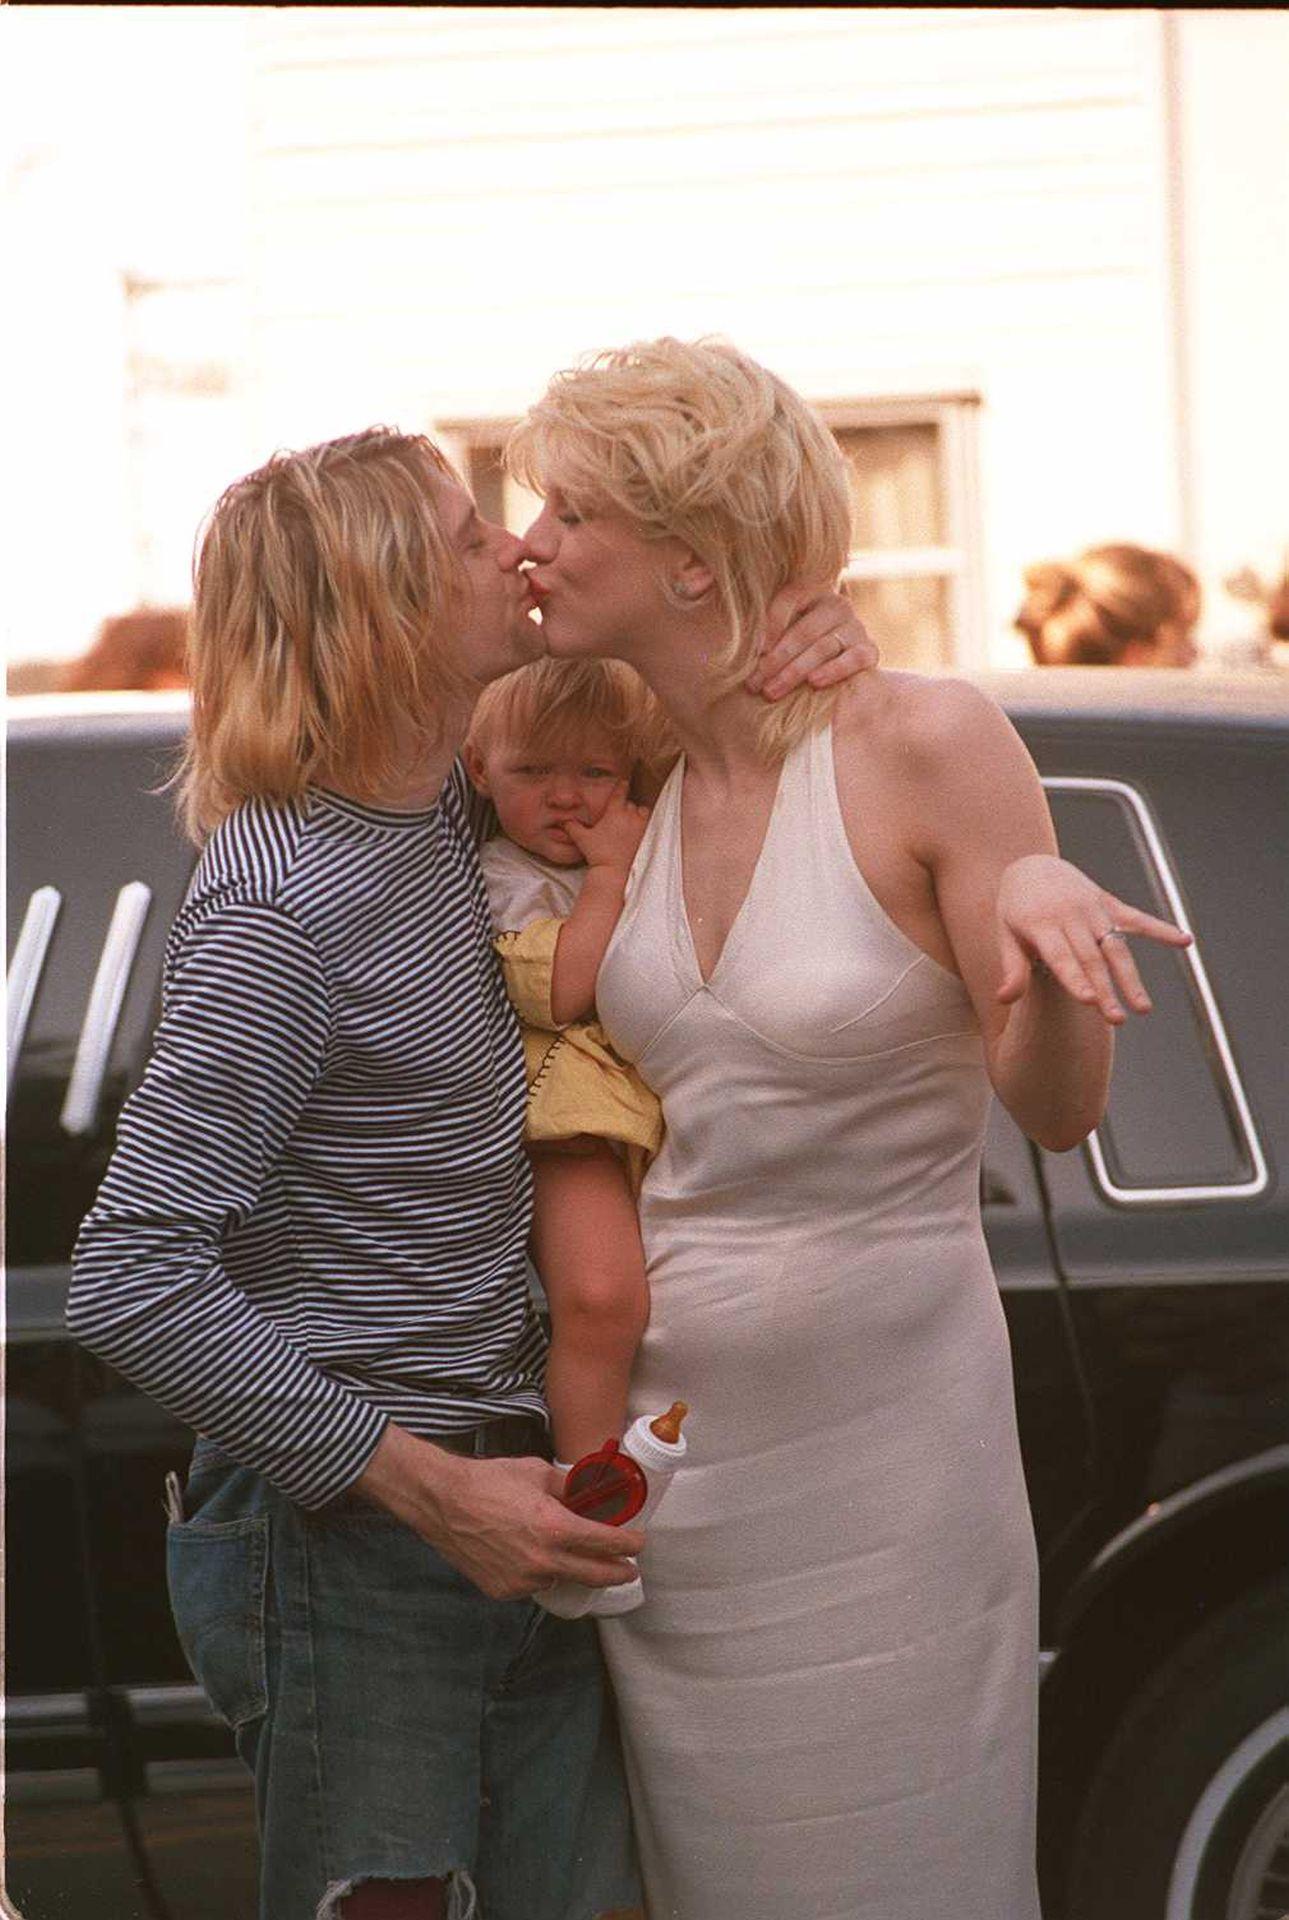 Kurt Cobain, felesége Courtney Love és lányuk, 1993-ban.